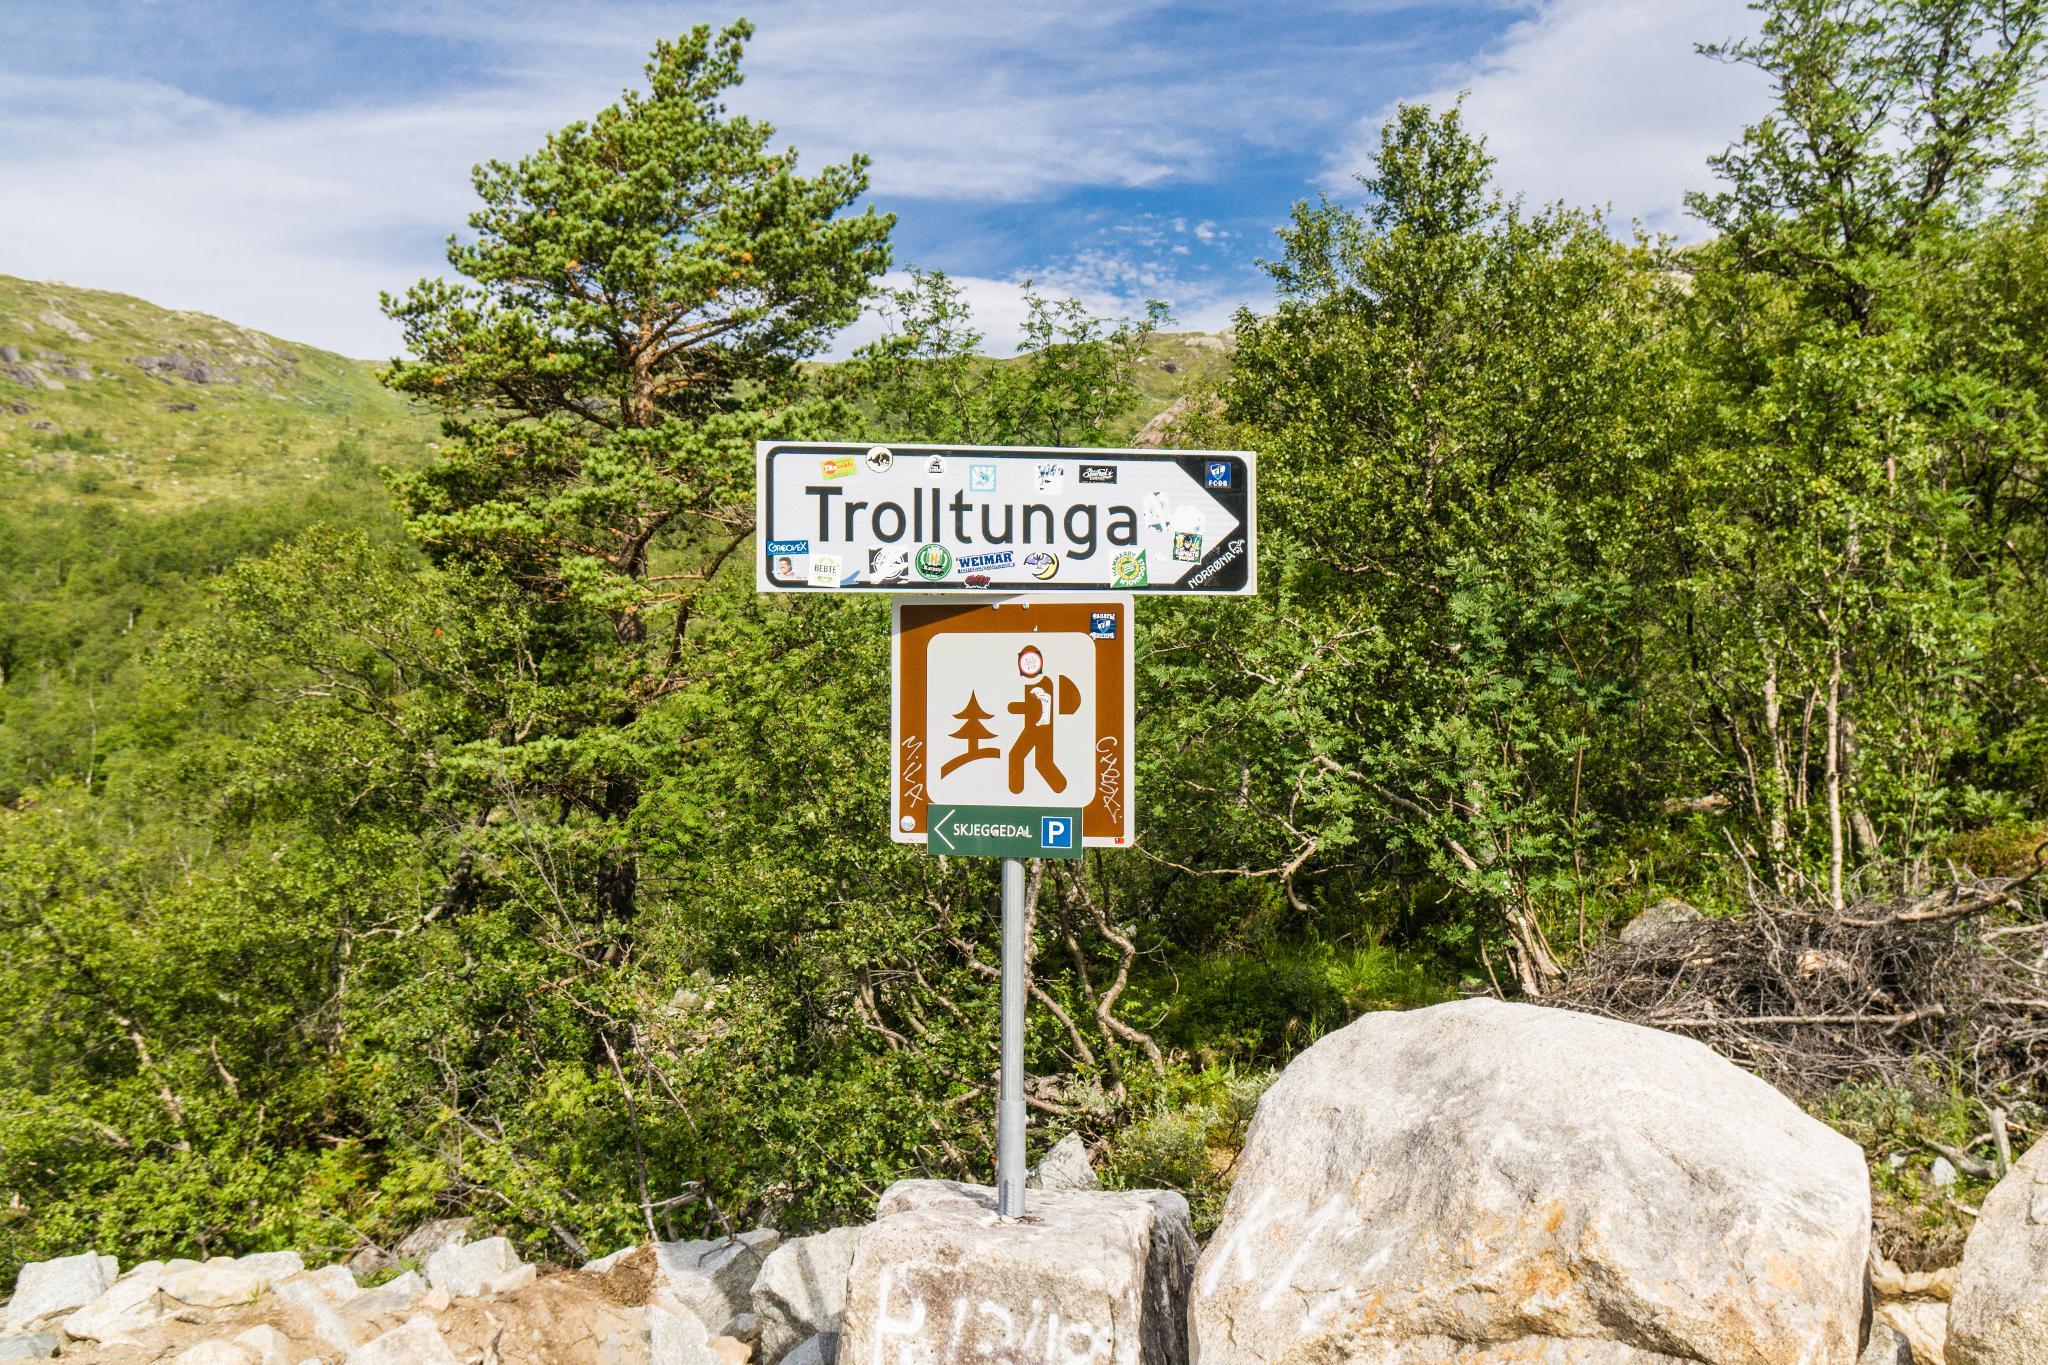 【北歐景點】挪威惡魔之舌 Trolltunga — 28公里健行挑戰全攻略 182